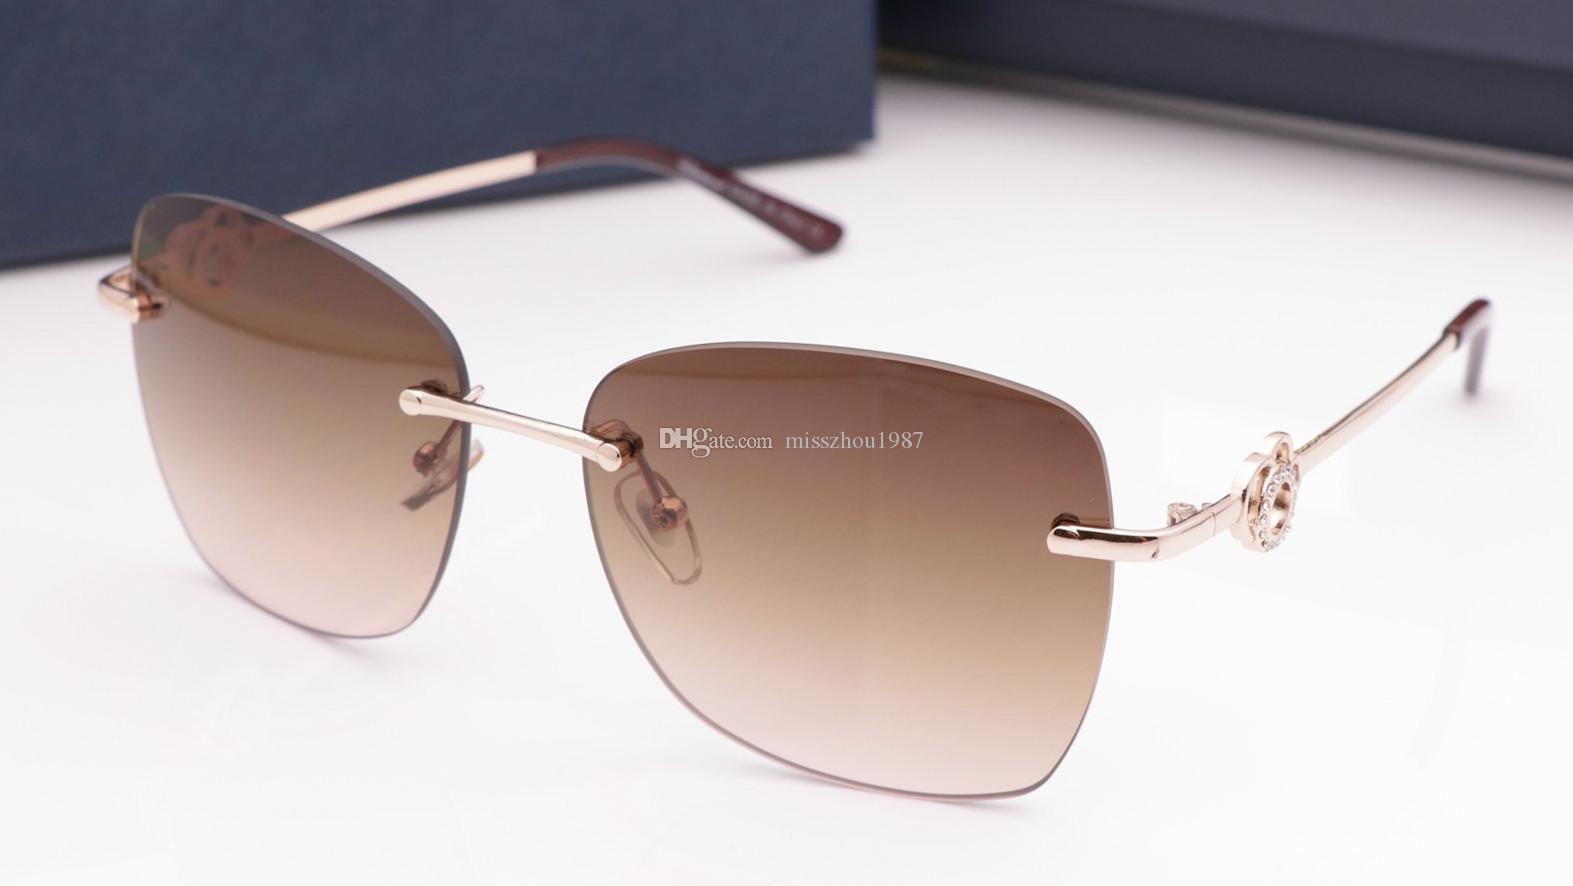 Lujo 24 gafas de sol para mujer de marca popular del diseñador gafas de sol de calidad superior encantador de la manera gafas de sol de protección UV viene con el paquete